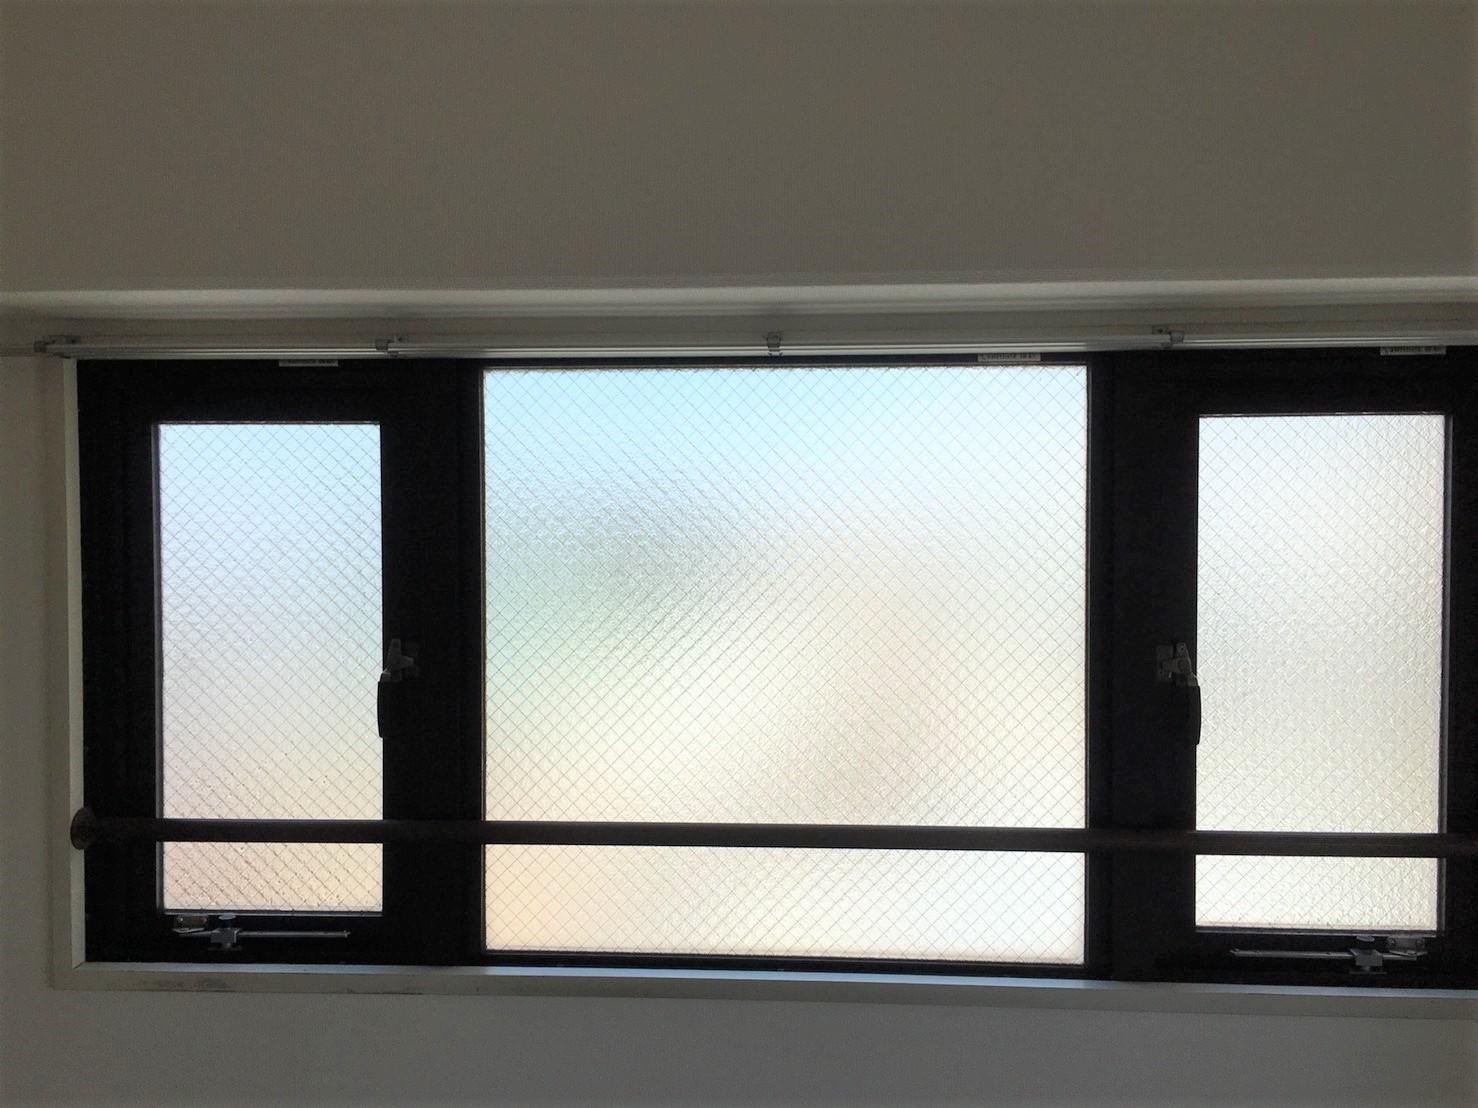 窓・窓サッシ部分の汚れ・細かい汚れの清掃は、おそうじプラスにおまかせください!